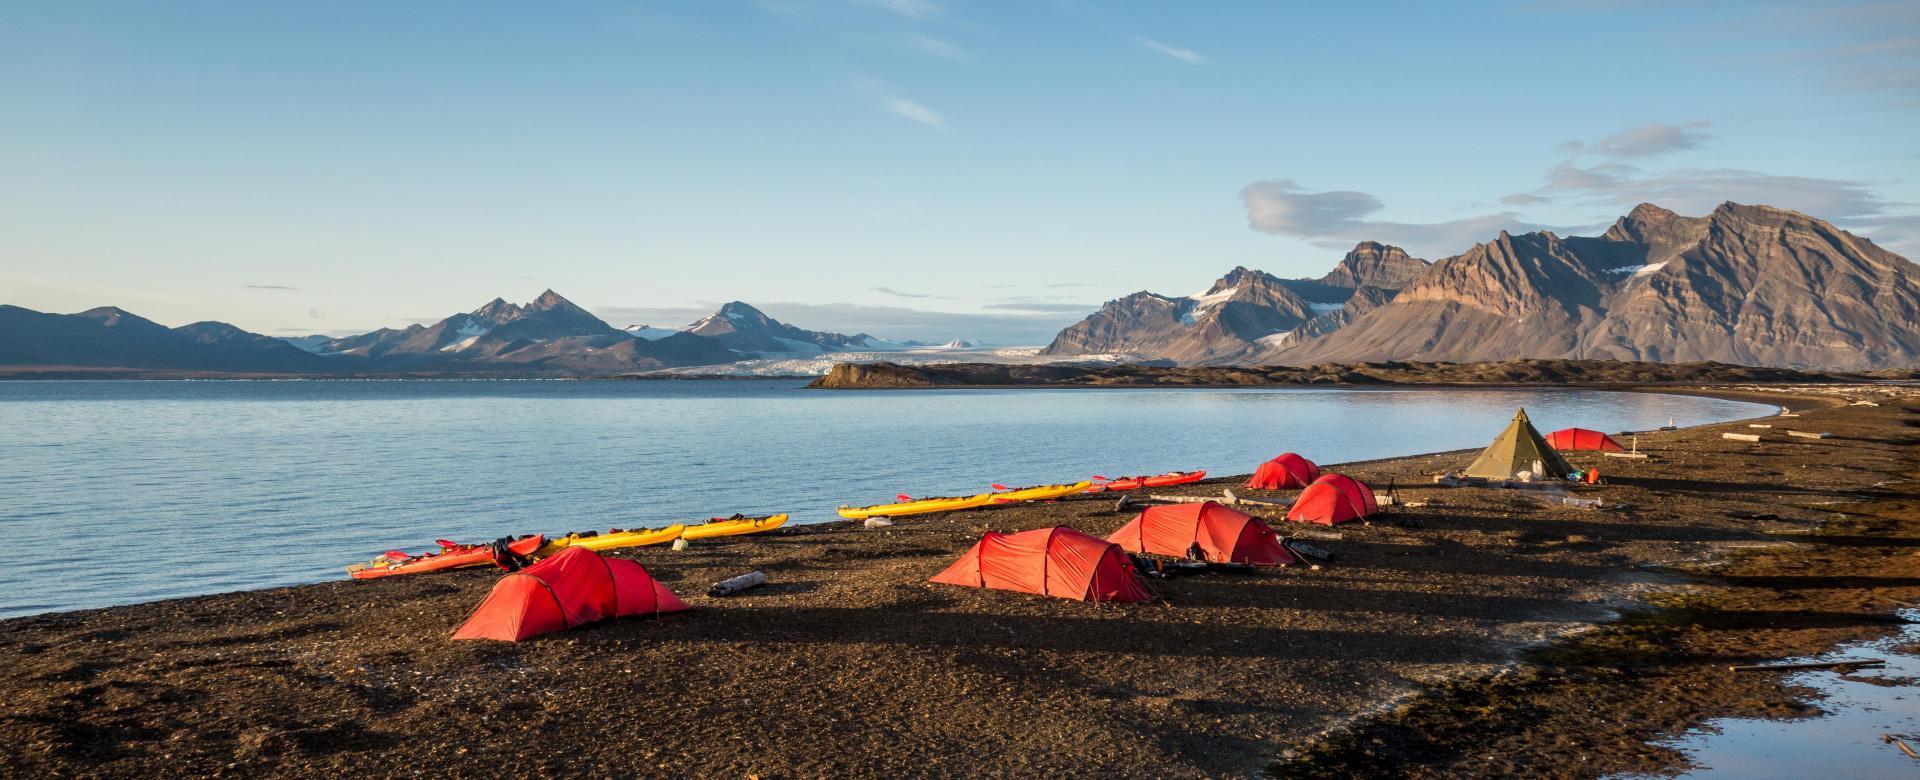 Voyage à la neige Norvège : Itinérance arctique